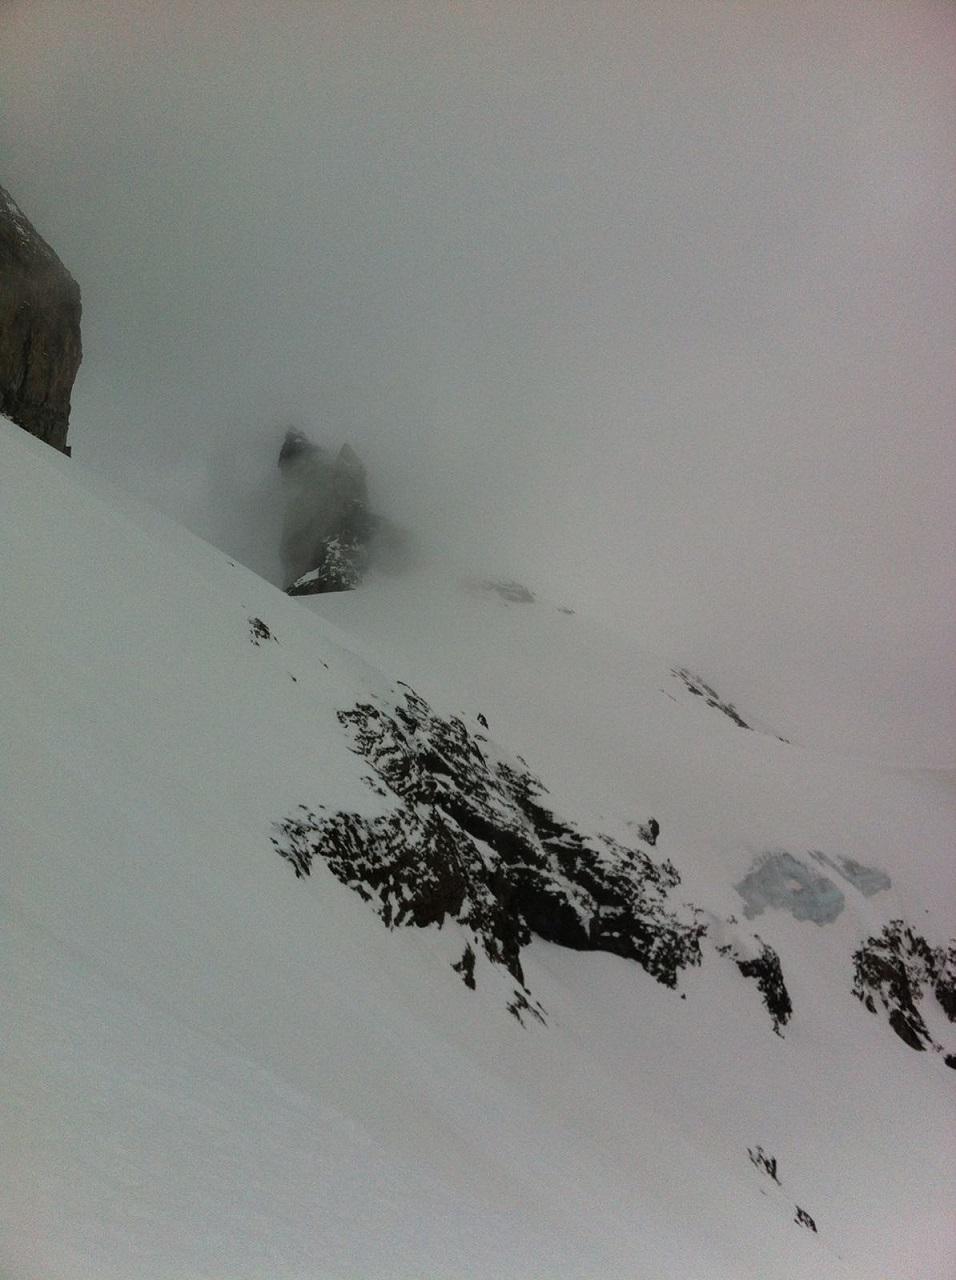 2015 - Skitour Mhren Gipfeljpg